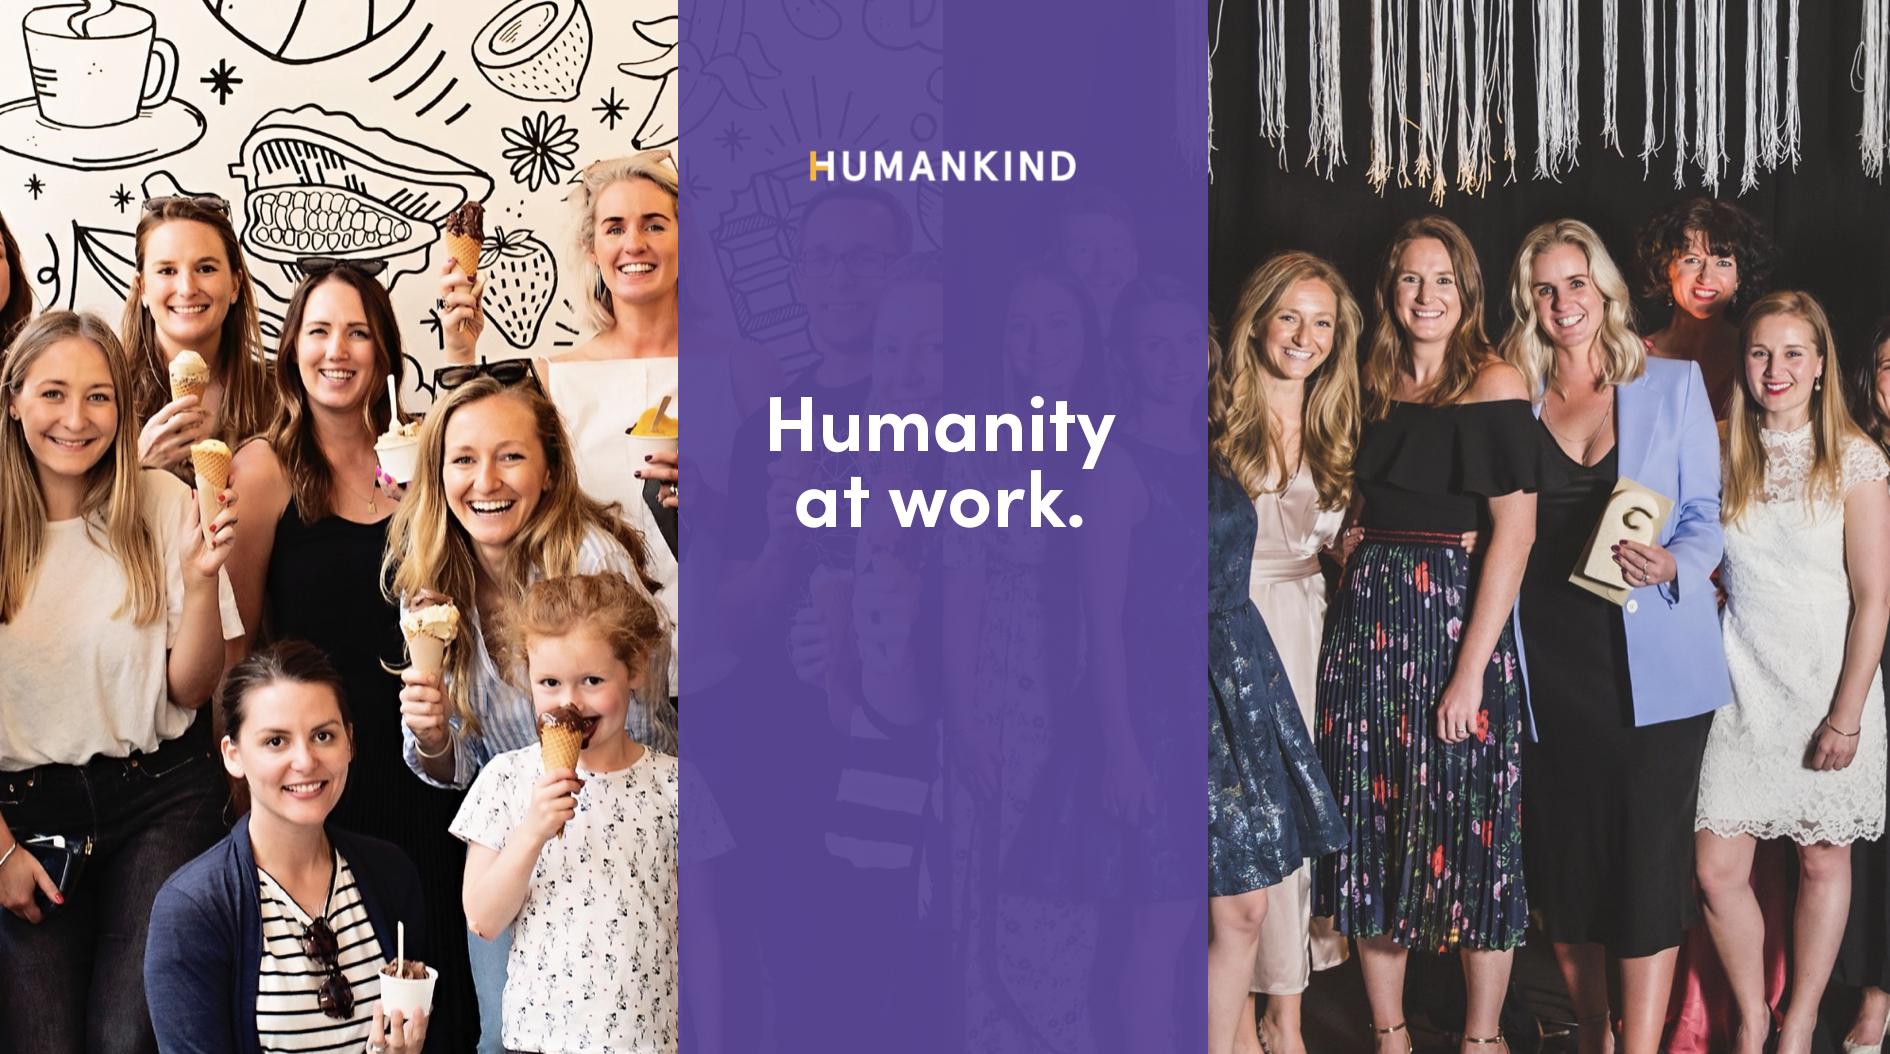 Humankind team